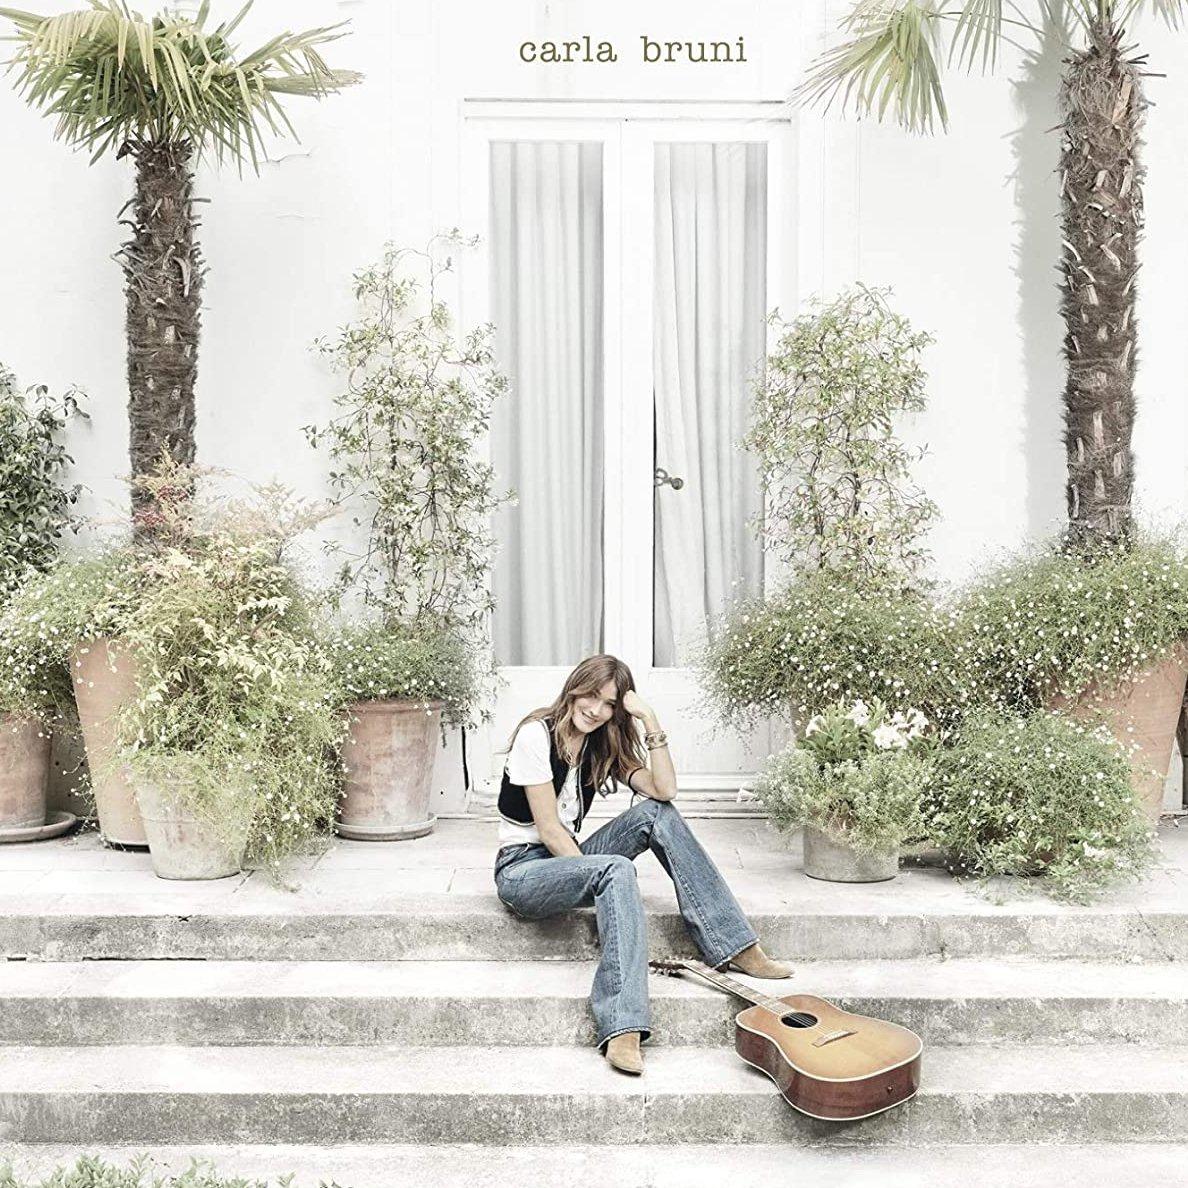 Carla Bruni - Carla Bruni